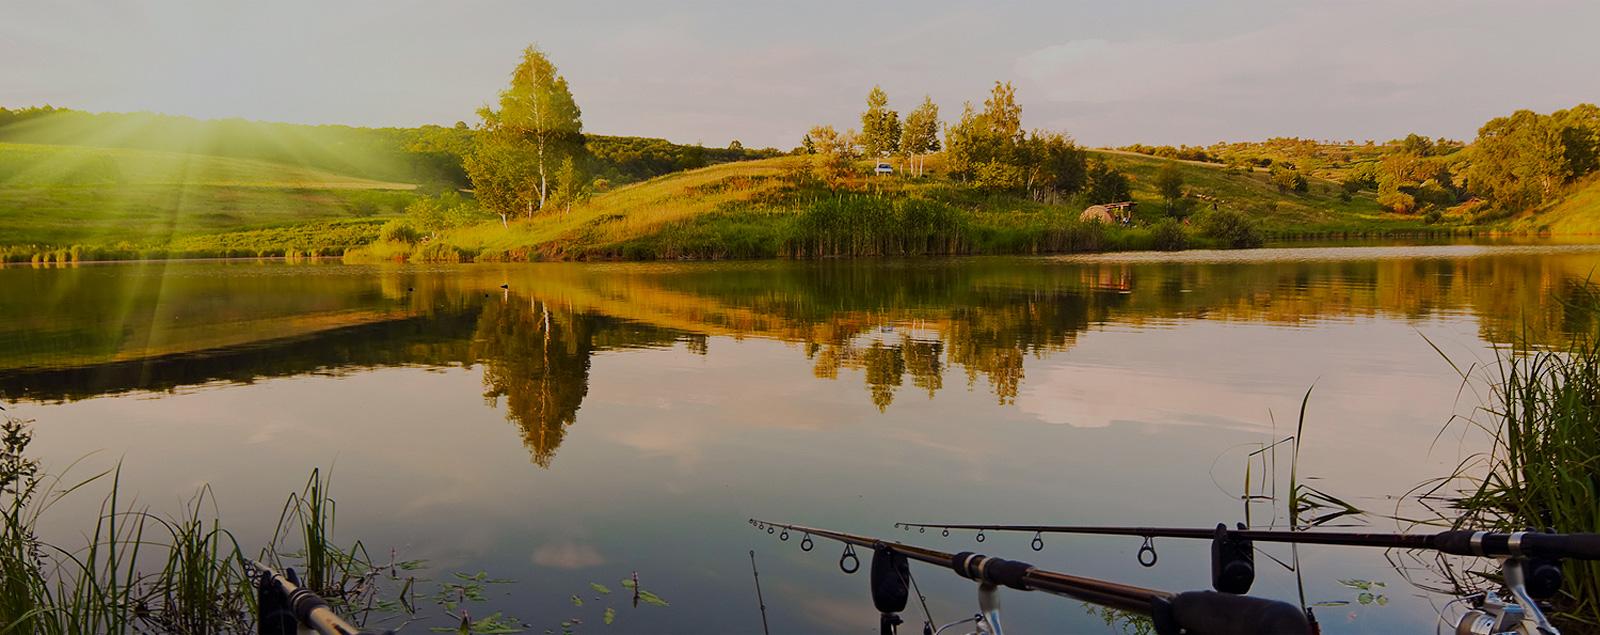 рыбалка на пруду с лодки